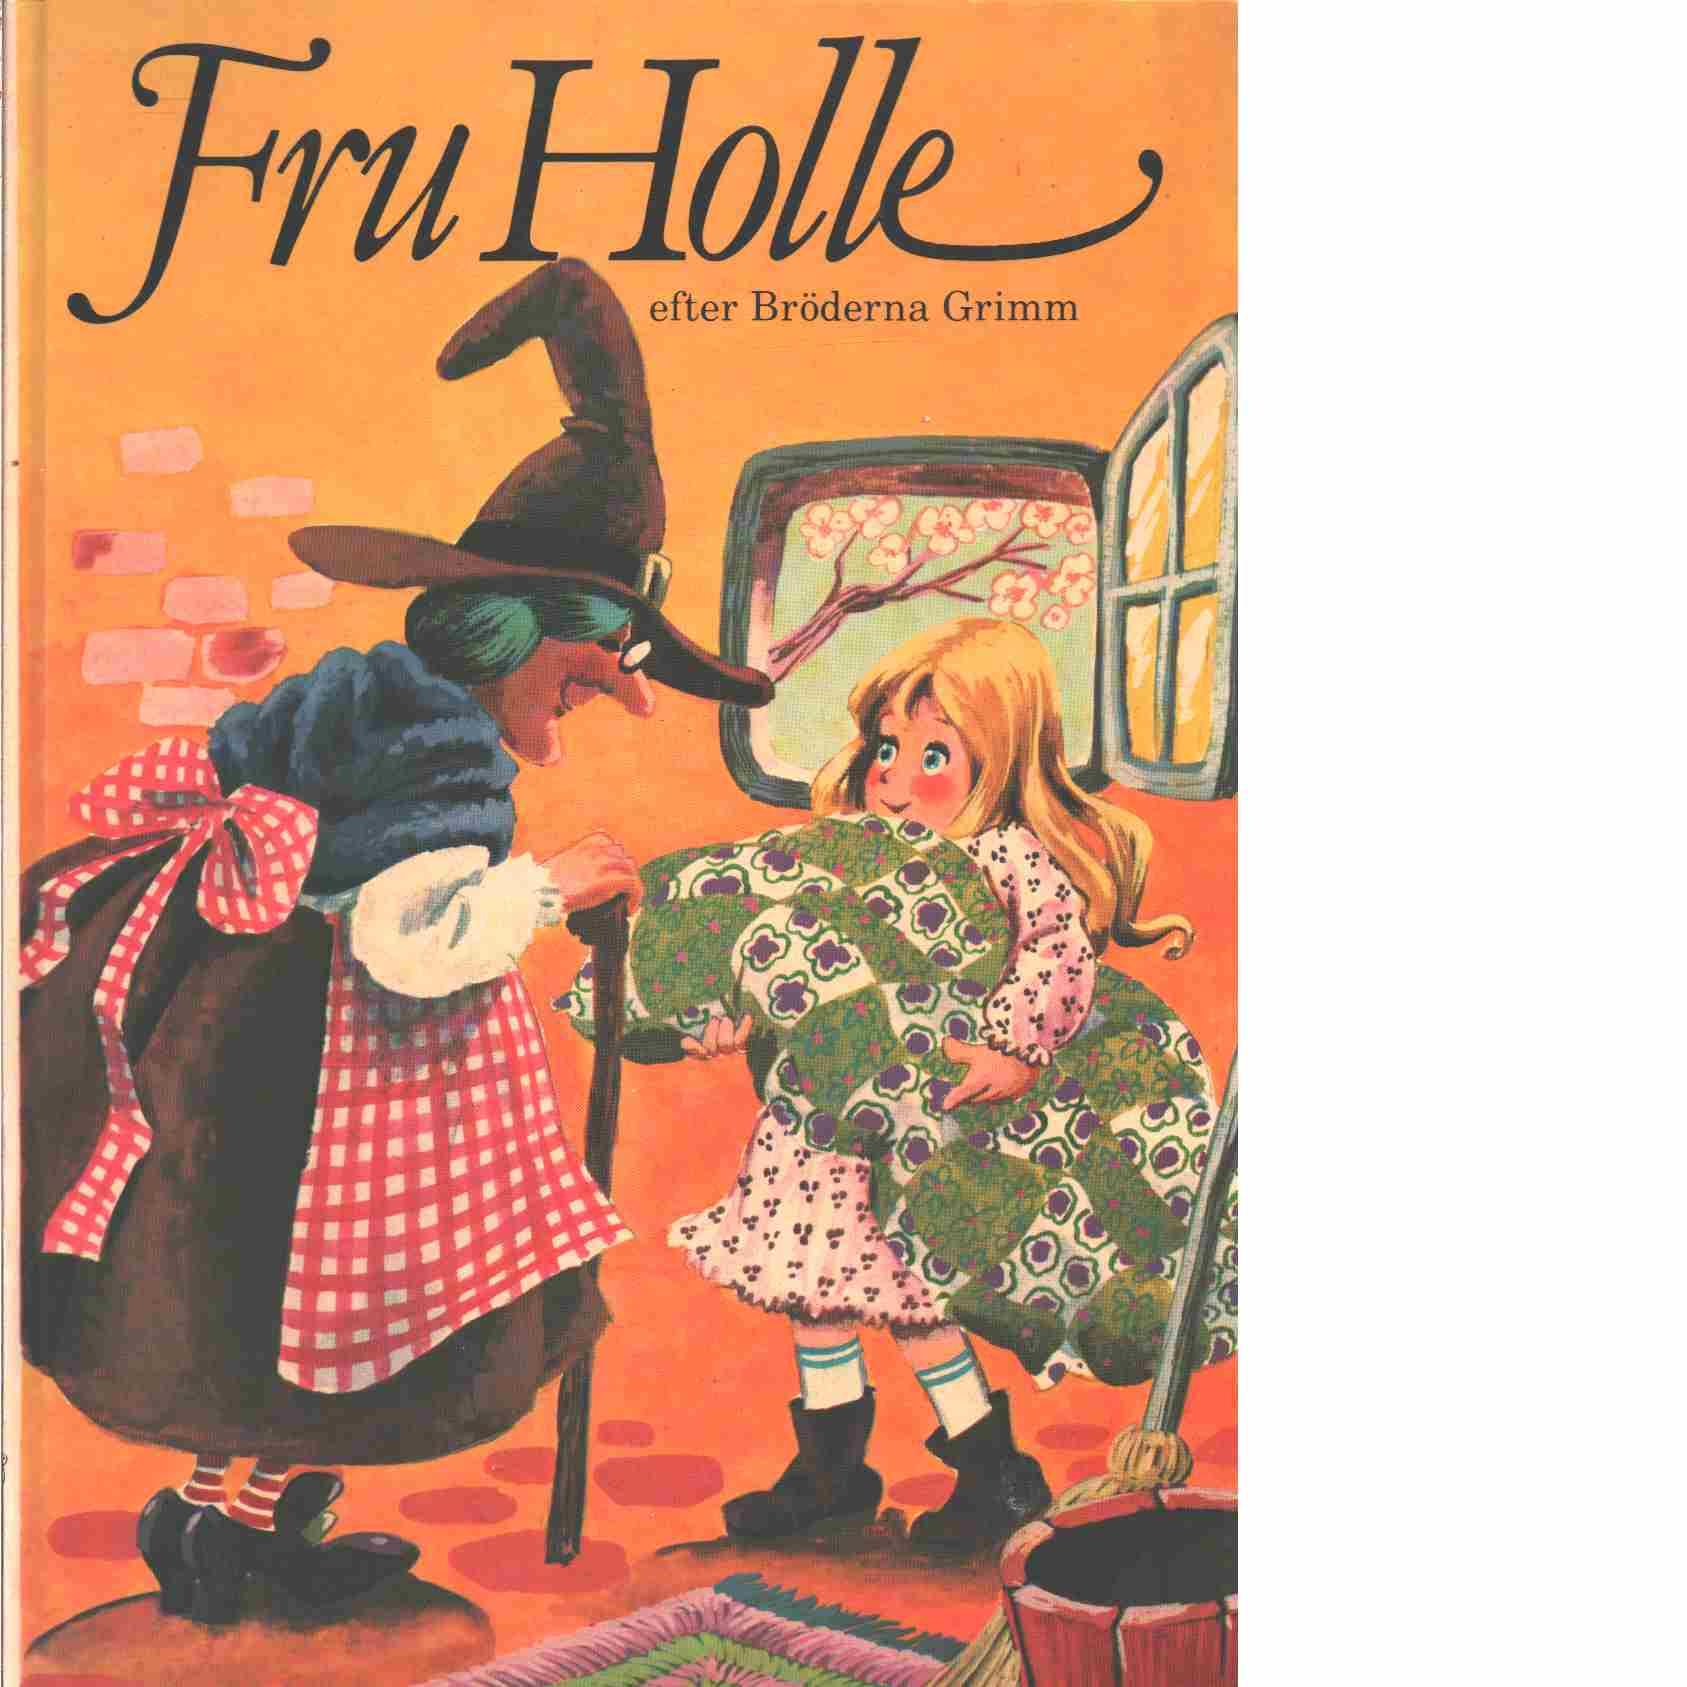 Fru Holle / efter bröderna Grimm - Grimm, Jacob